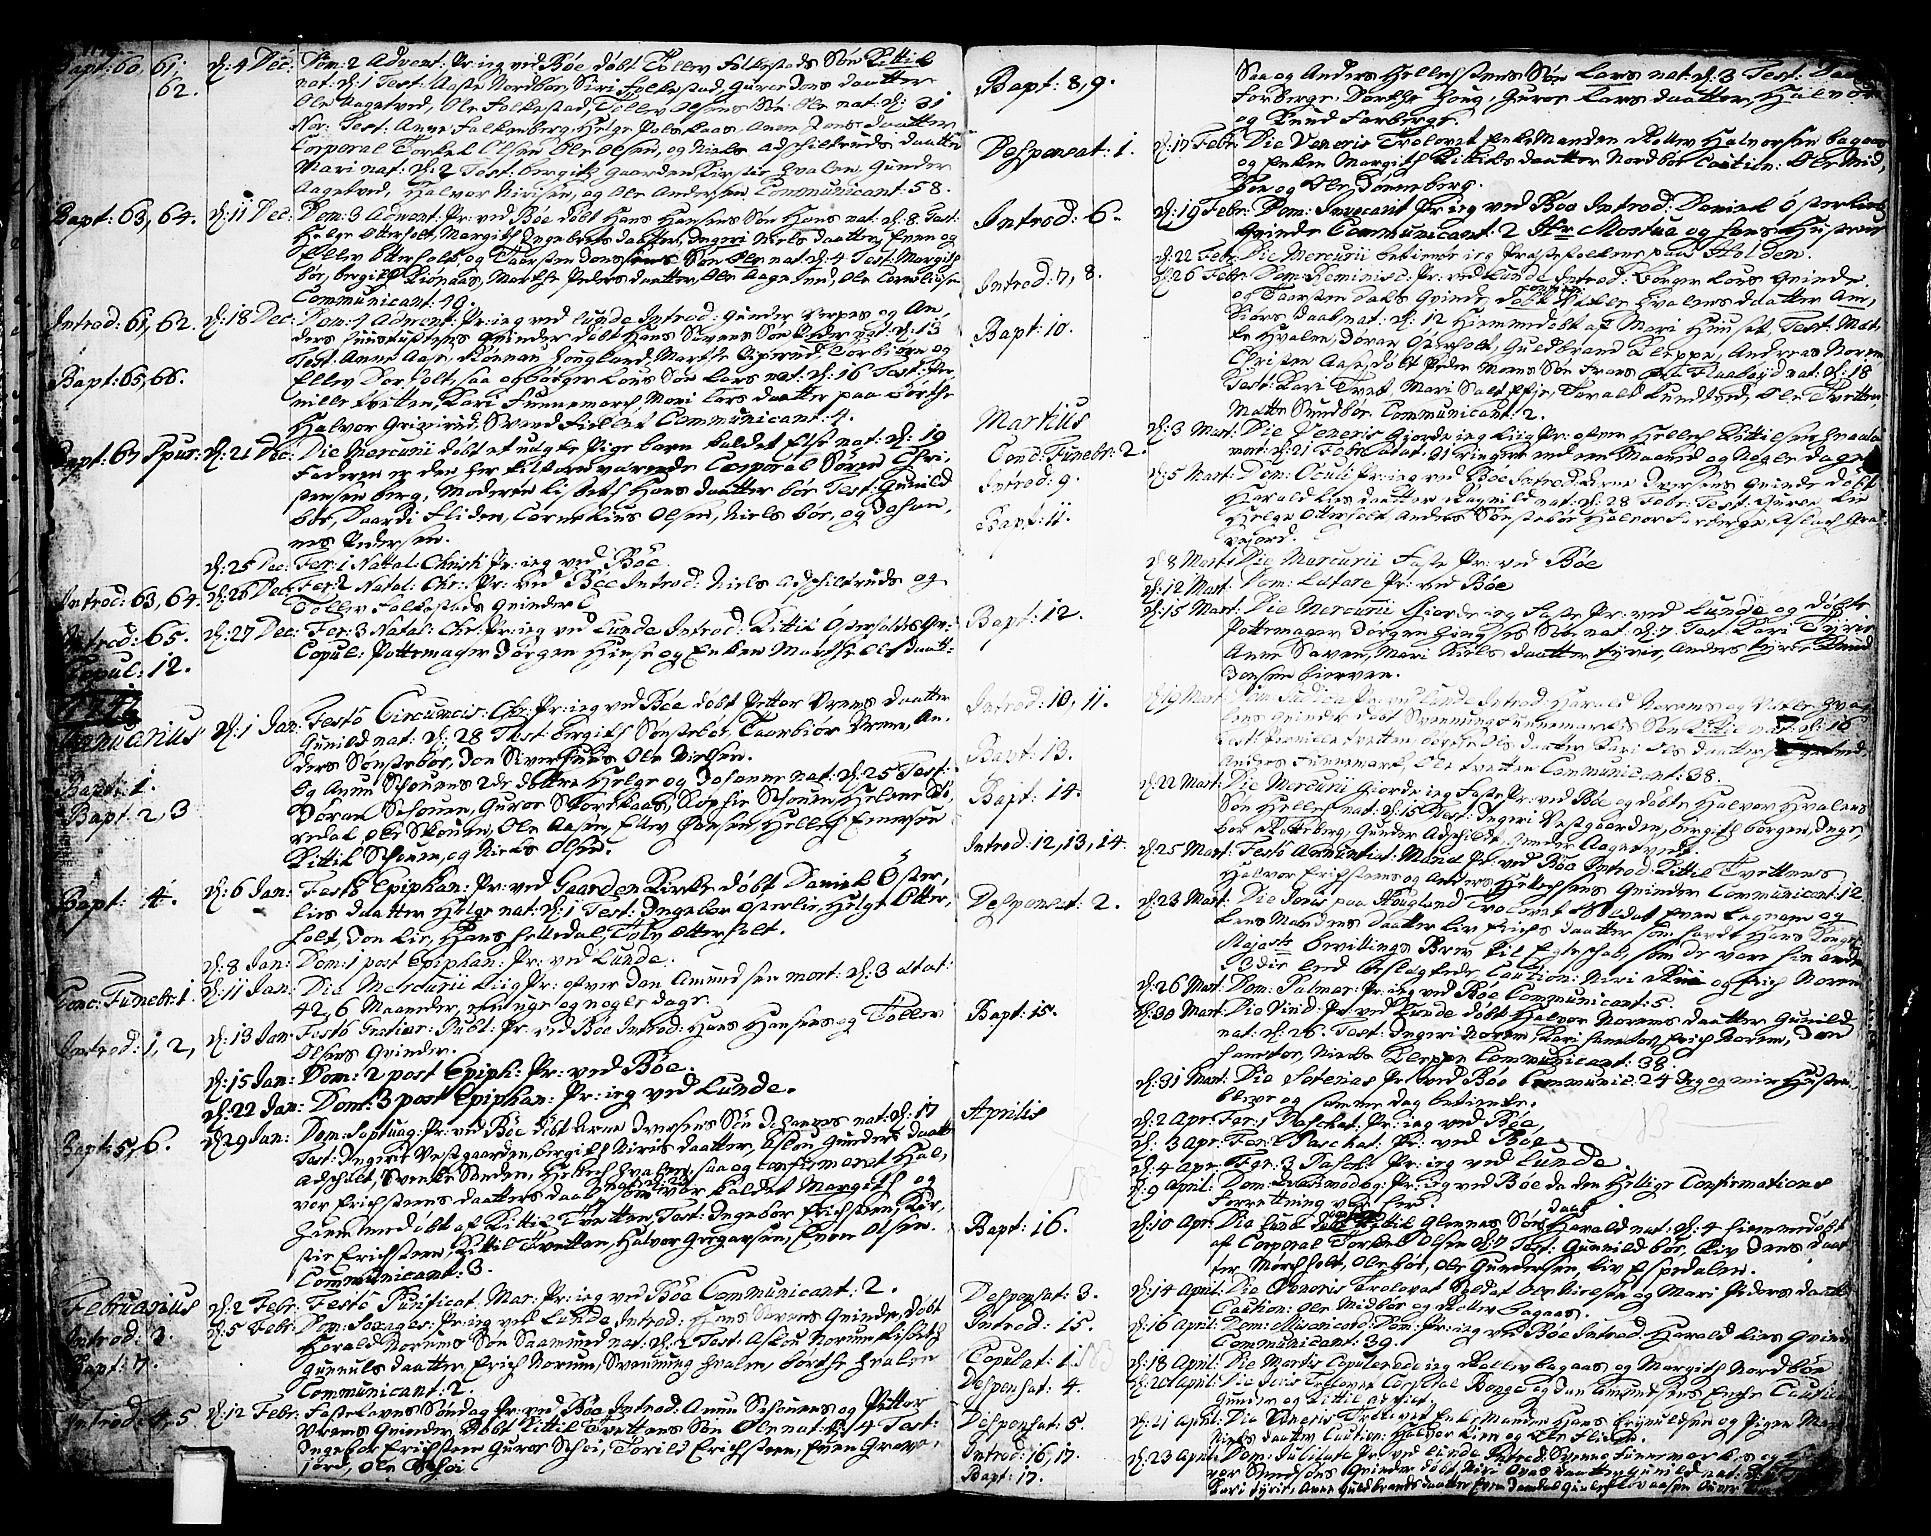 SAKO, Bø kirkebøker, F/Fa/L0003: Ministerialbok nr. 3, 1733-1748, s. 36